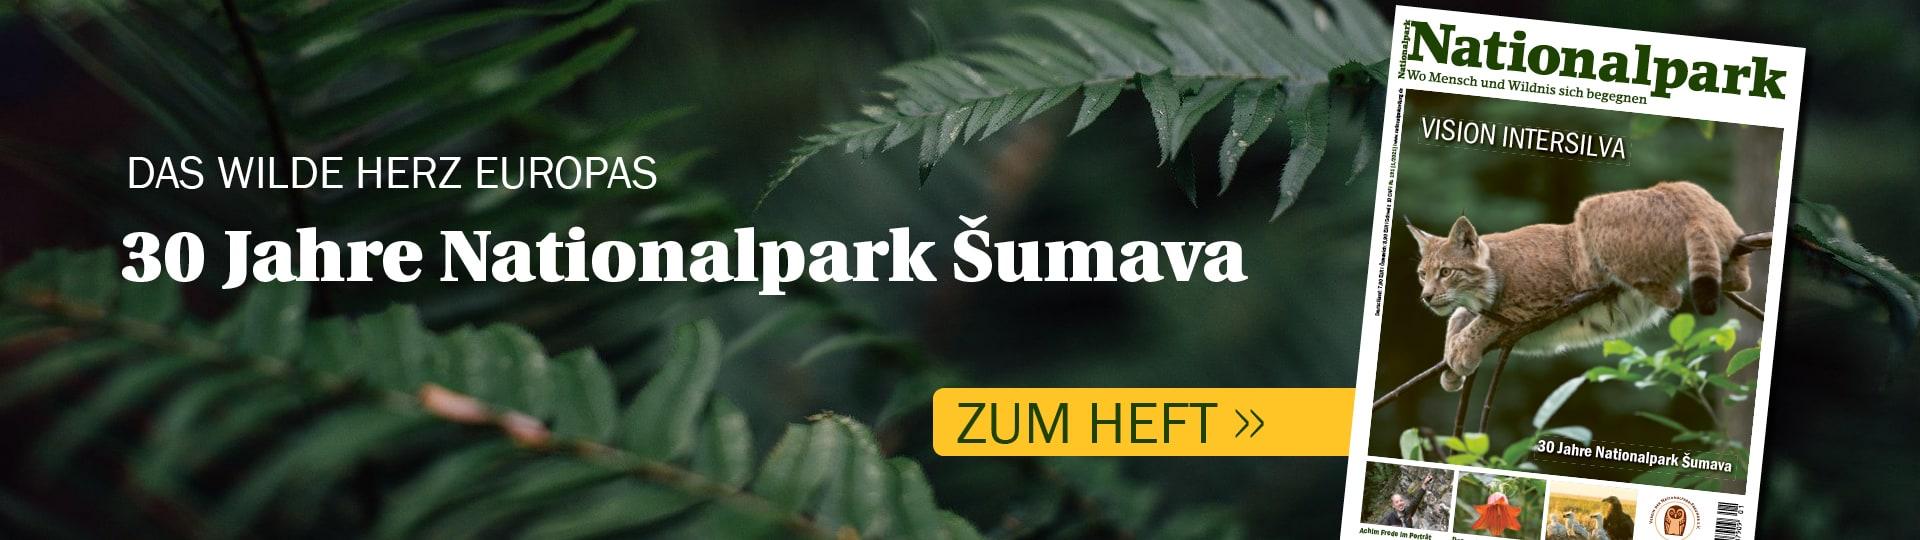 In der neuen Ausgabe von Nationalpark geht es um den Nationalpark Šumava in Tschechien.